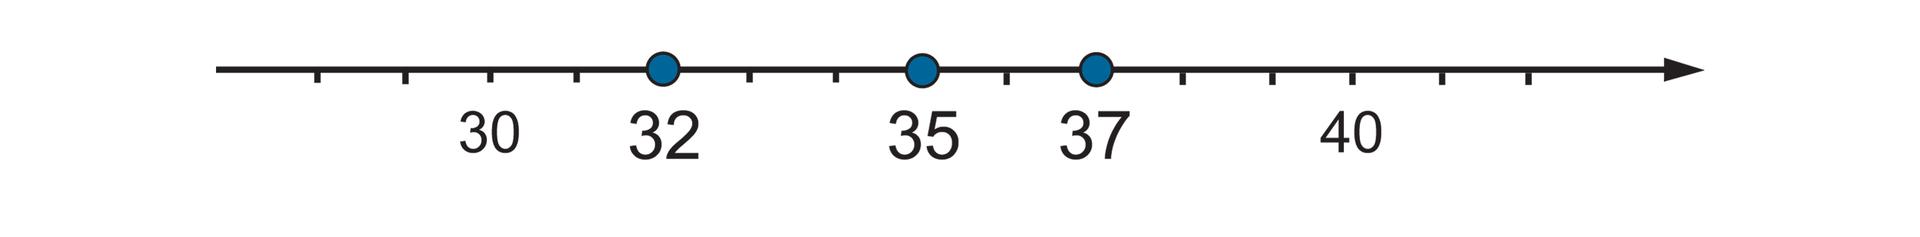 Rysunek osi liczbowej zzaznaczonymi punktami 30, 32, 35, 37, 40.